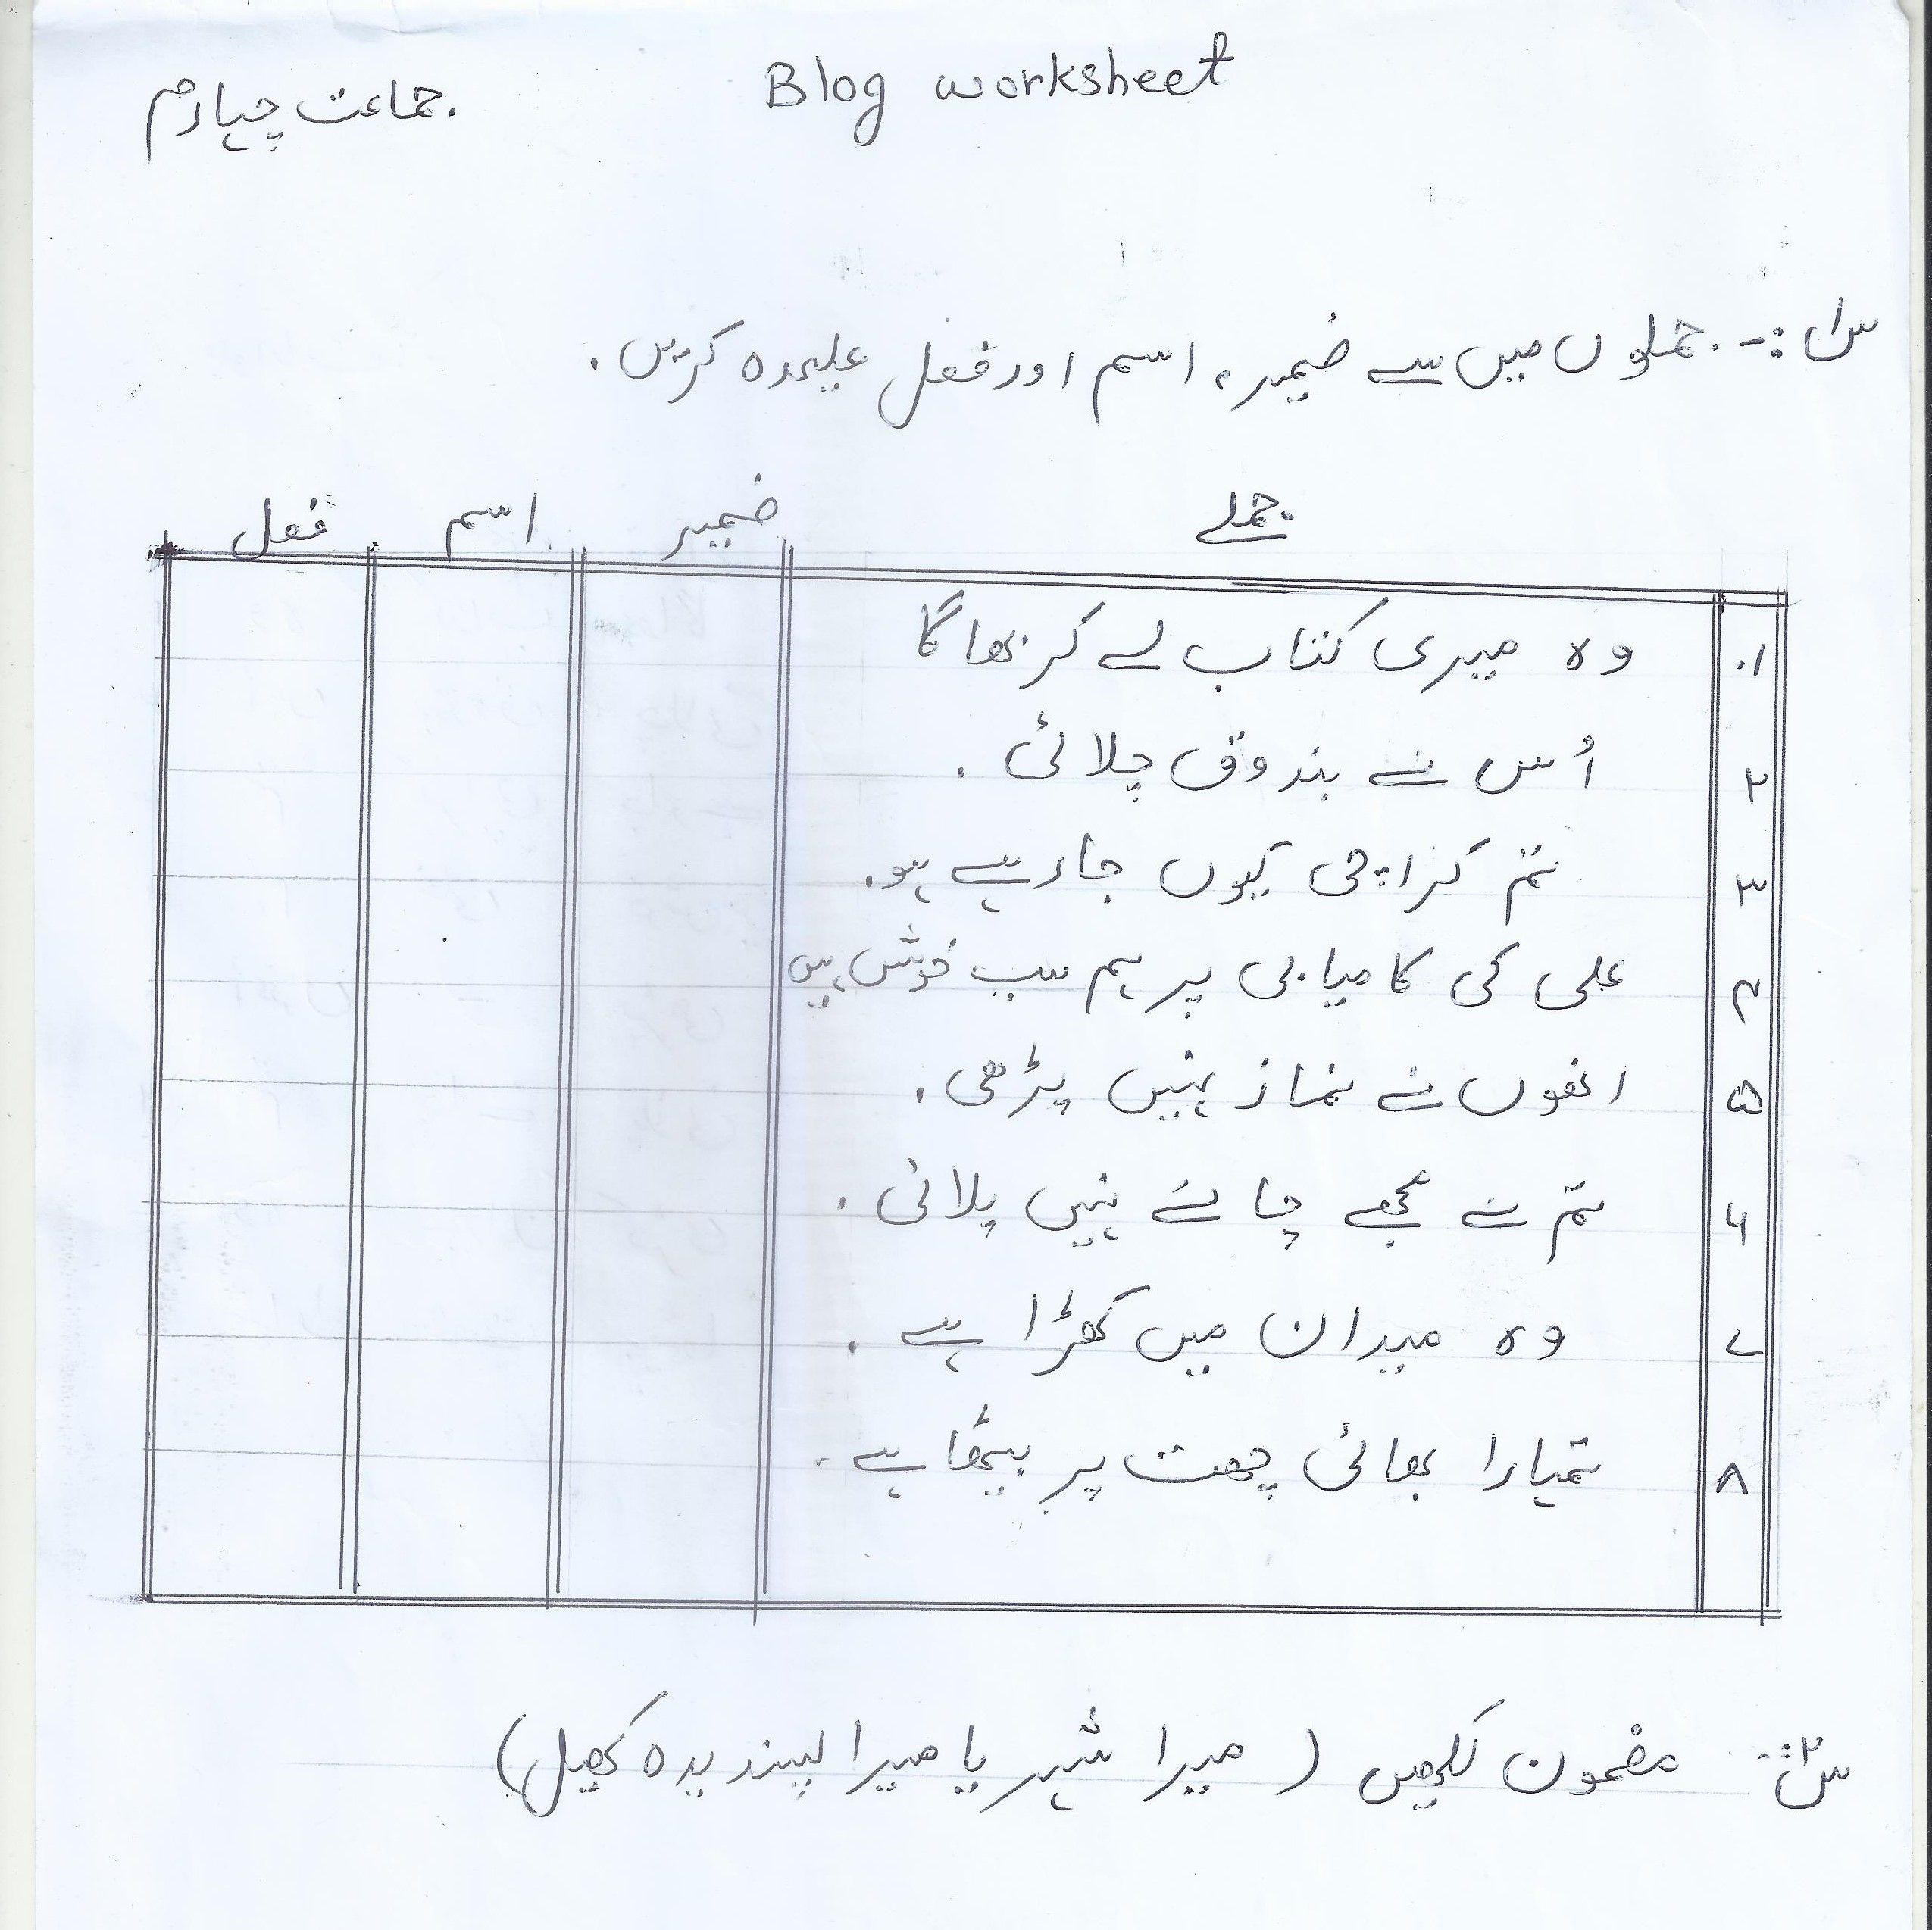 Grammar Worksheets Reading Comprehension Worksheets 2nd Grade Reading Worksheets [ 2548 x 2550 Pixel ]